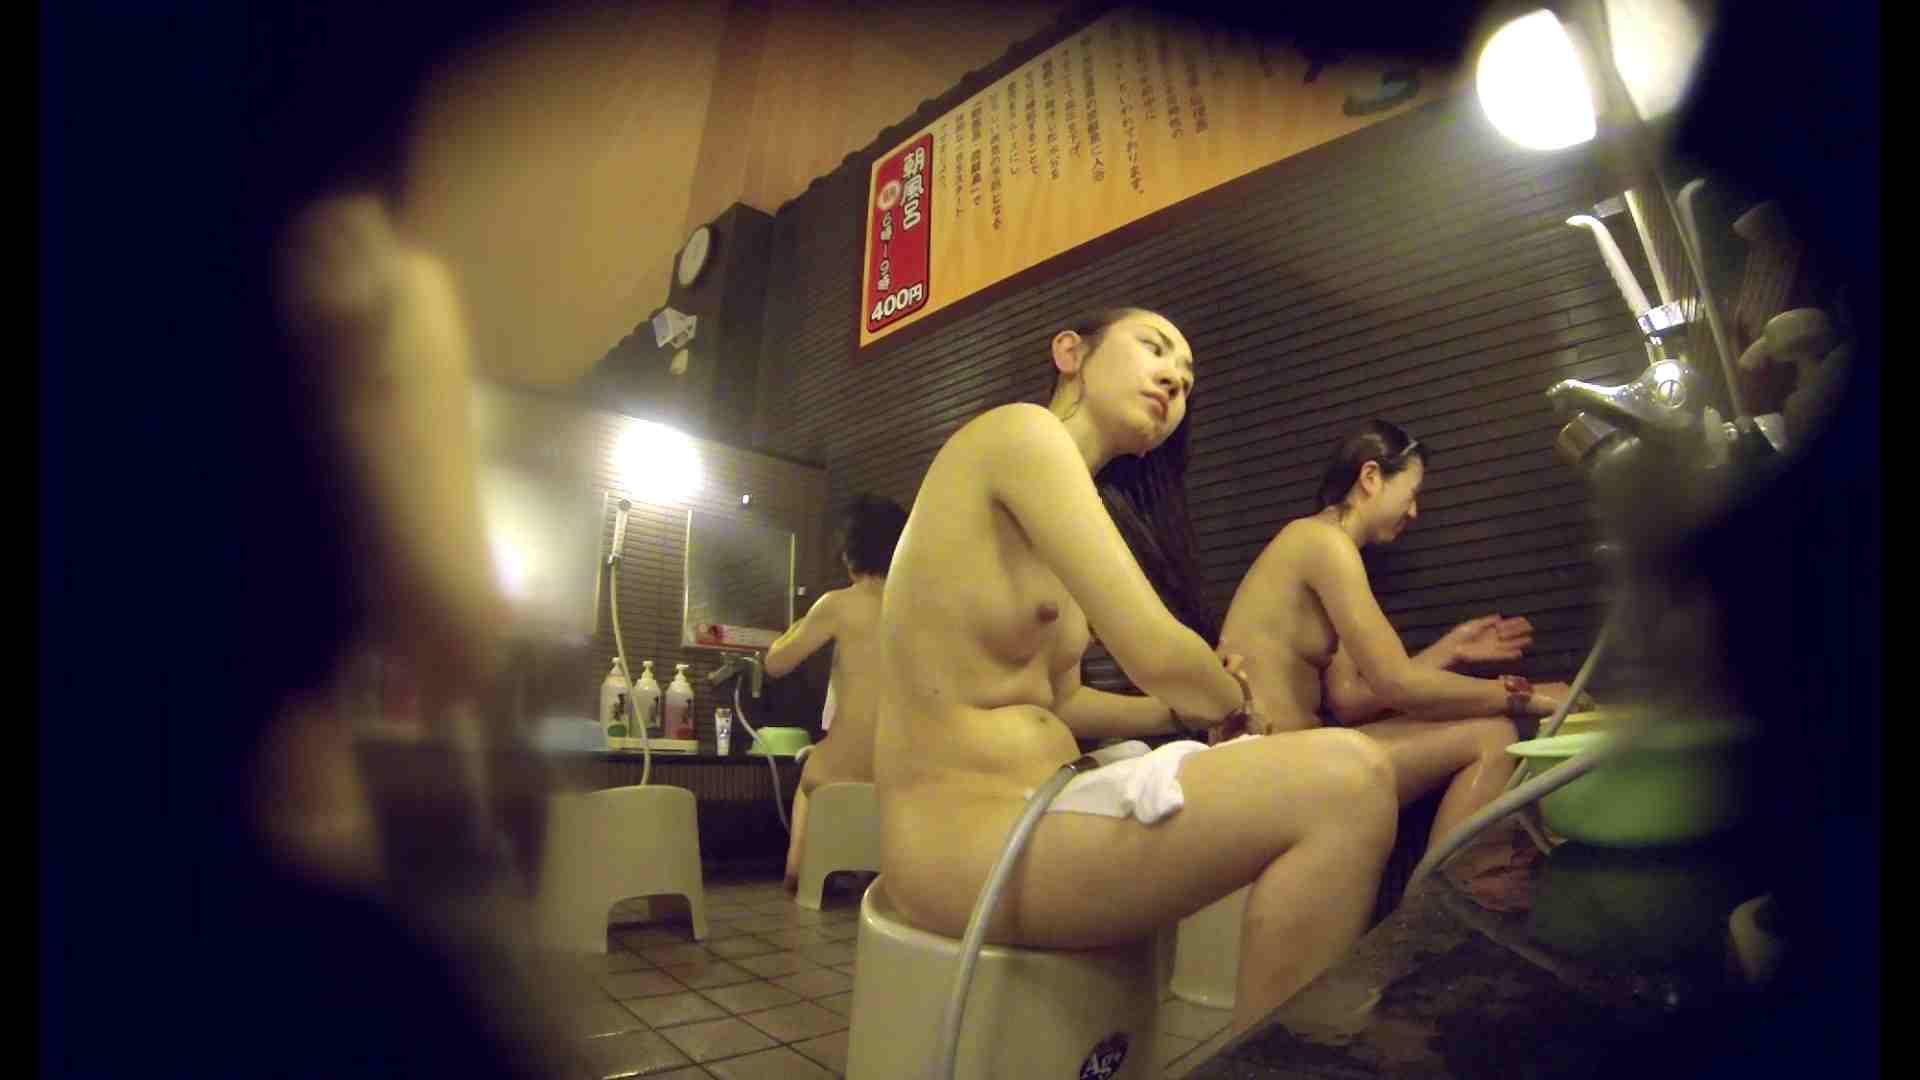 洗い場!しかし・・・綺麗な顔をしてますね。結婚したいな。 銭湯のぞき オメコ無修正動画無料 31画像 29